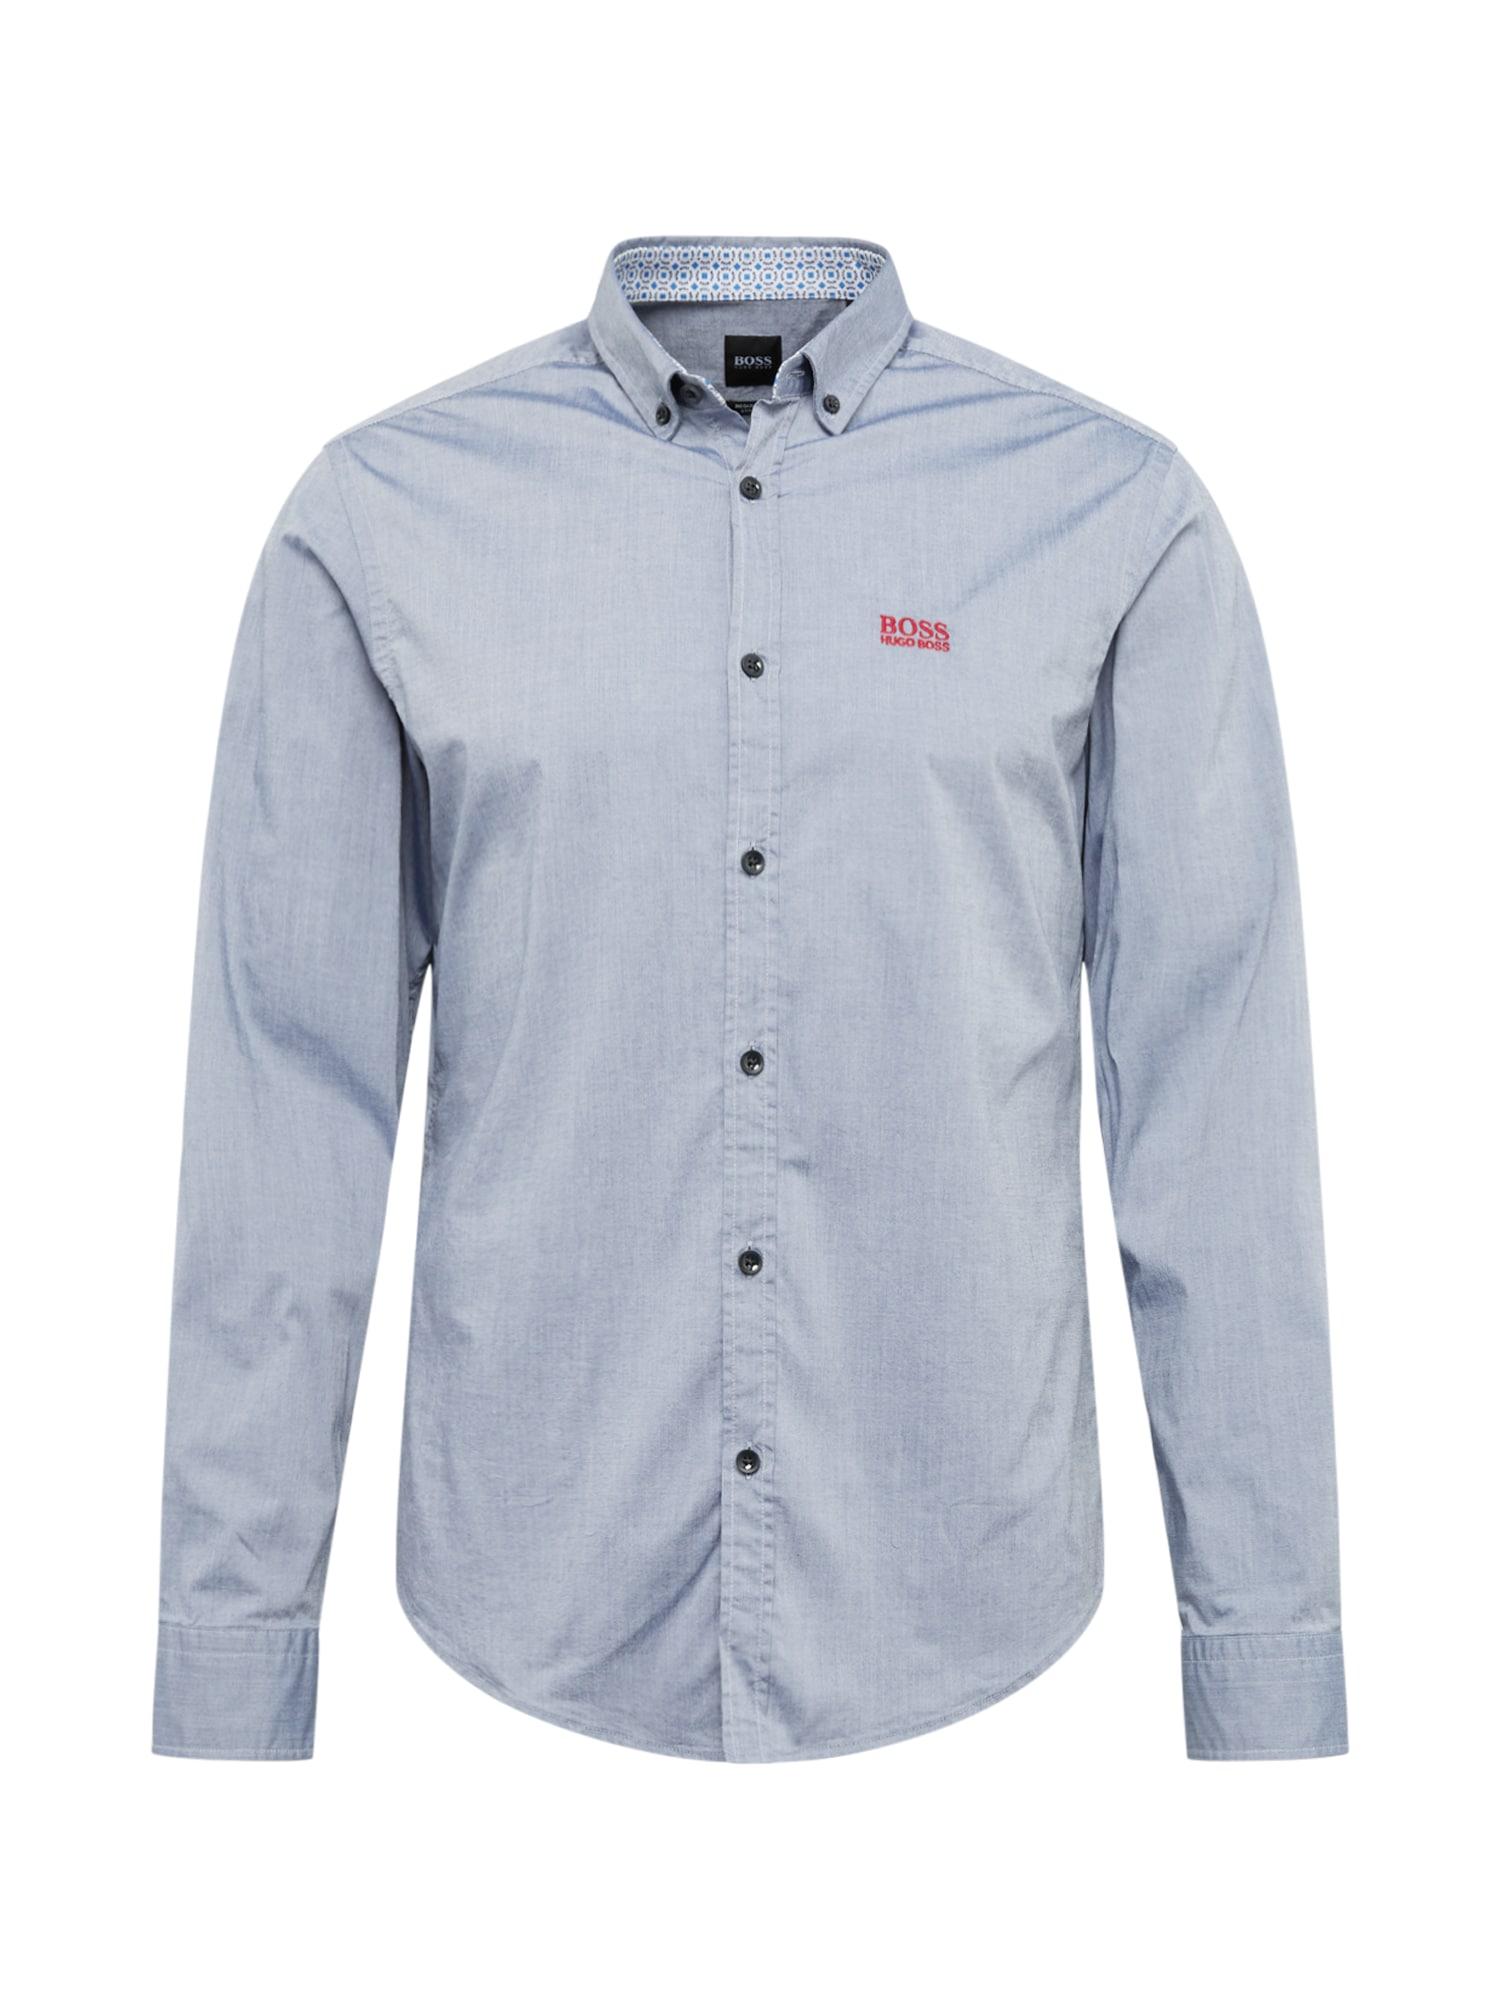 BOSS ATHLEISURE Dalykiniai marškiniai 'BIADO_R' mėlyna